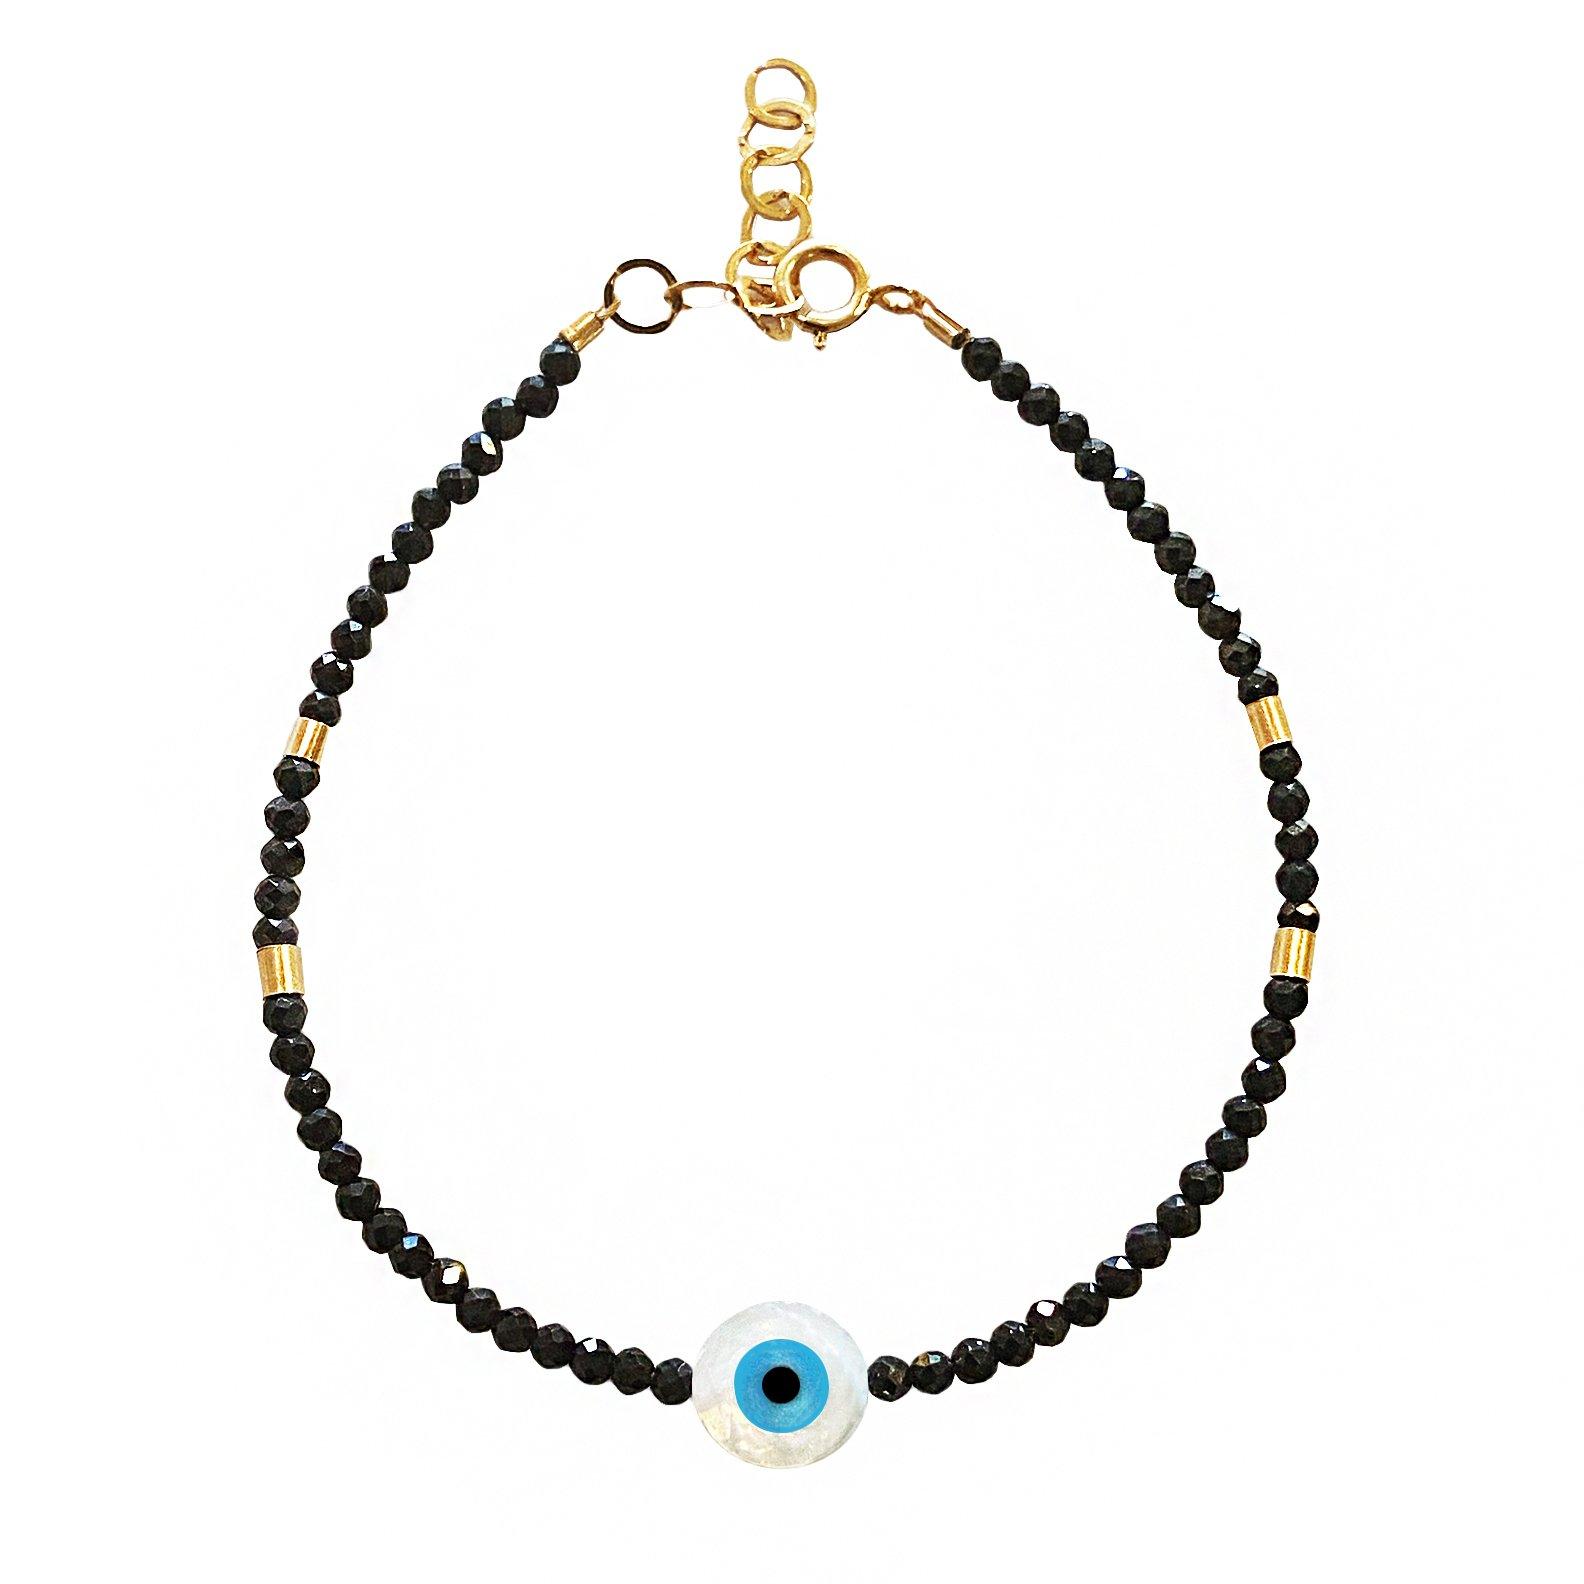 Goldfilled spinel bracelet